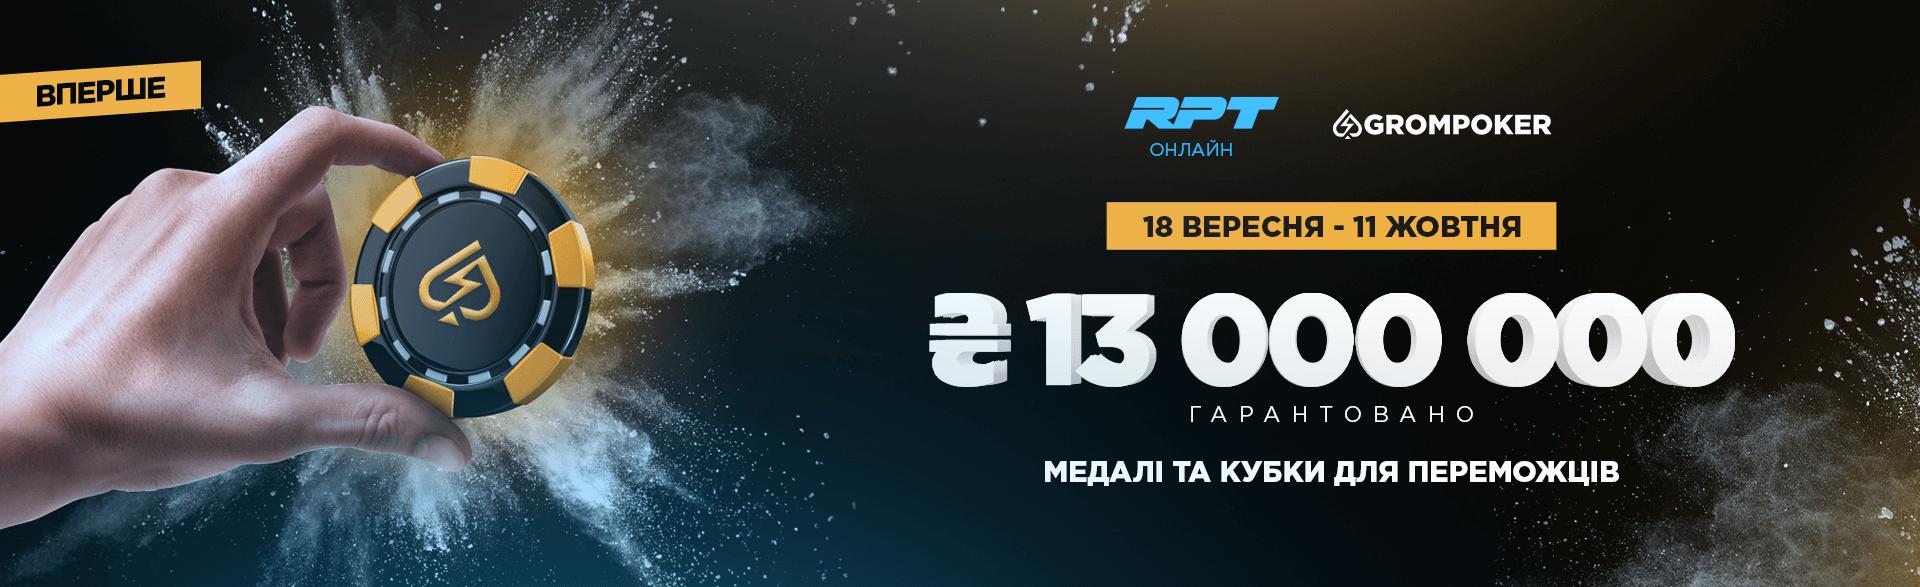 Серія RPT Онлайн